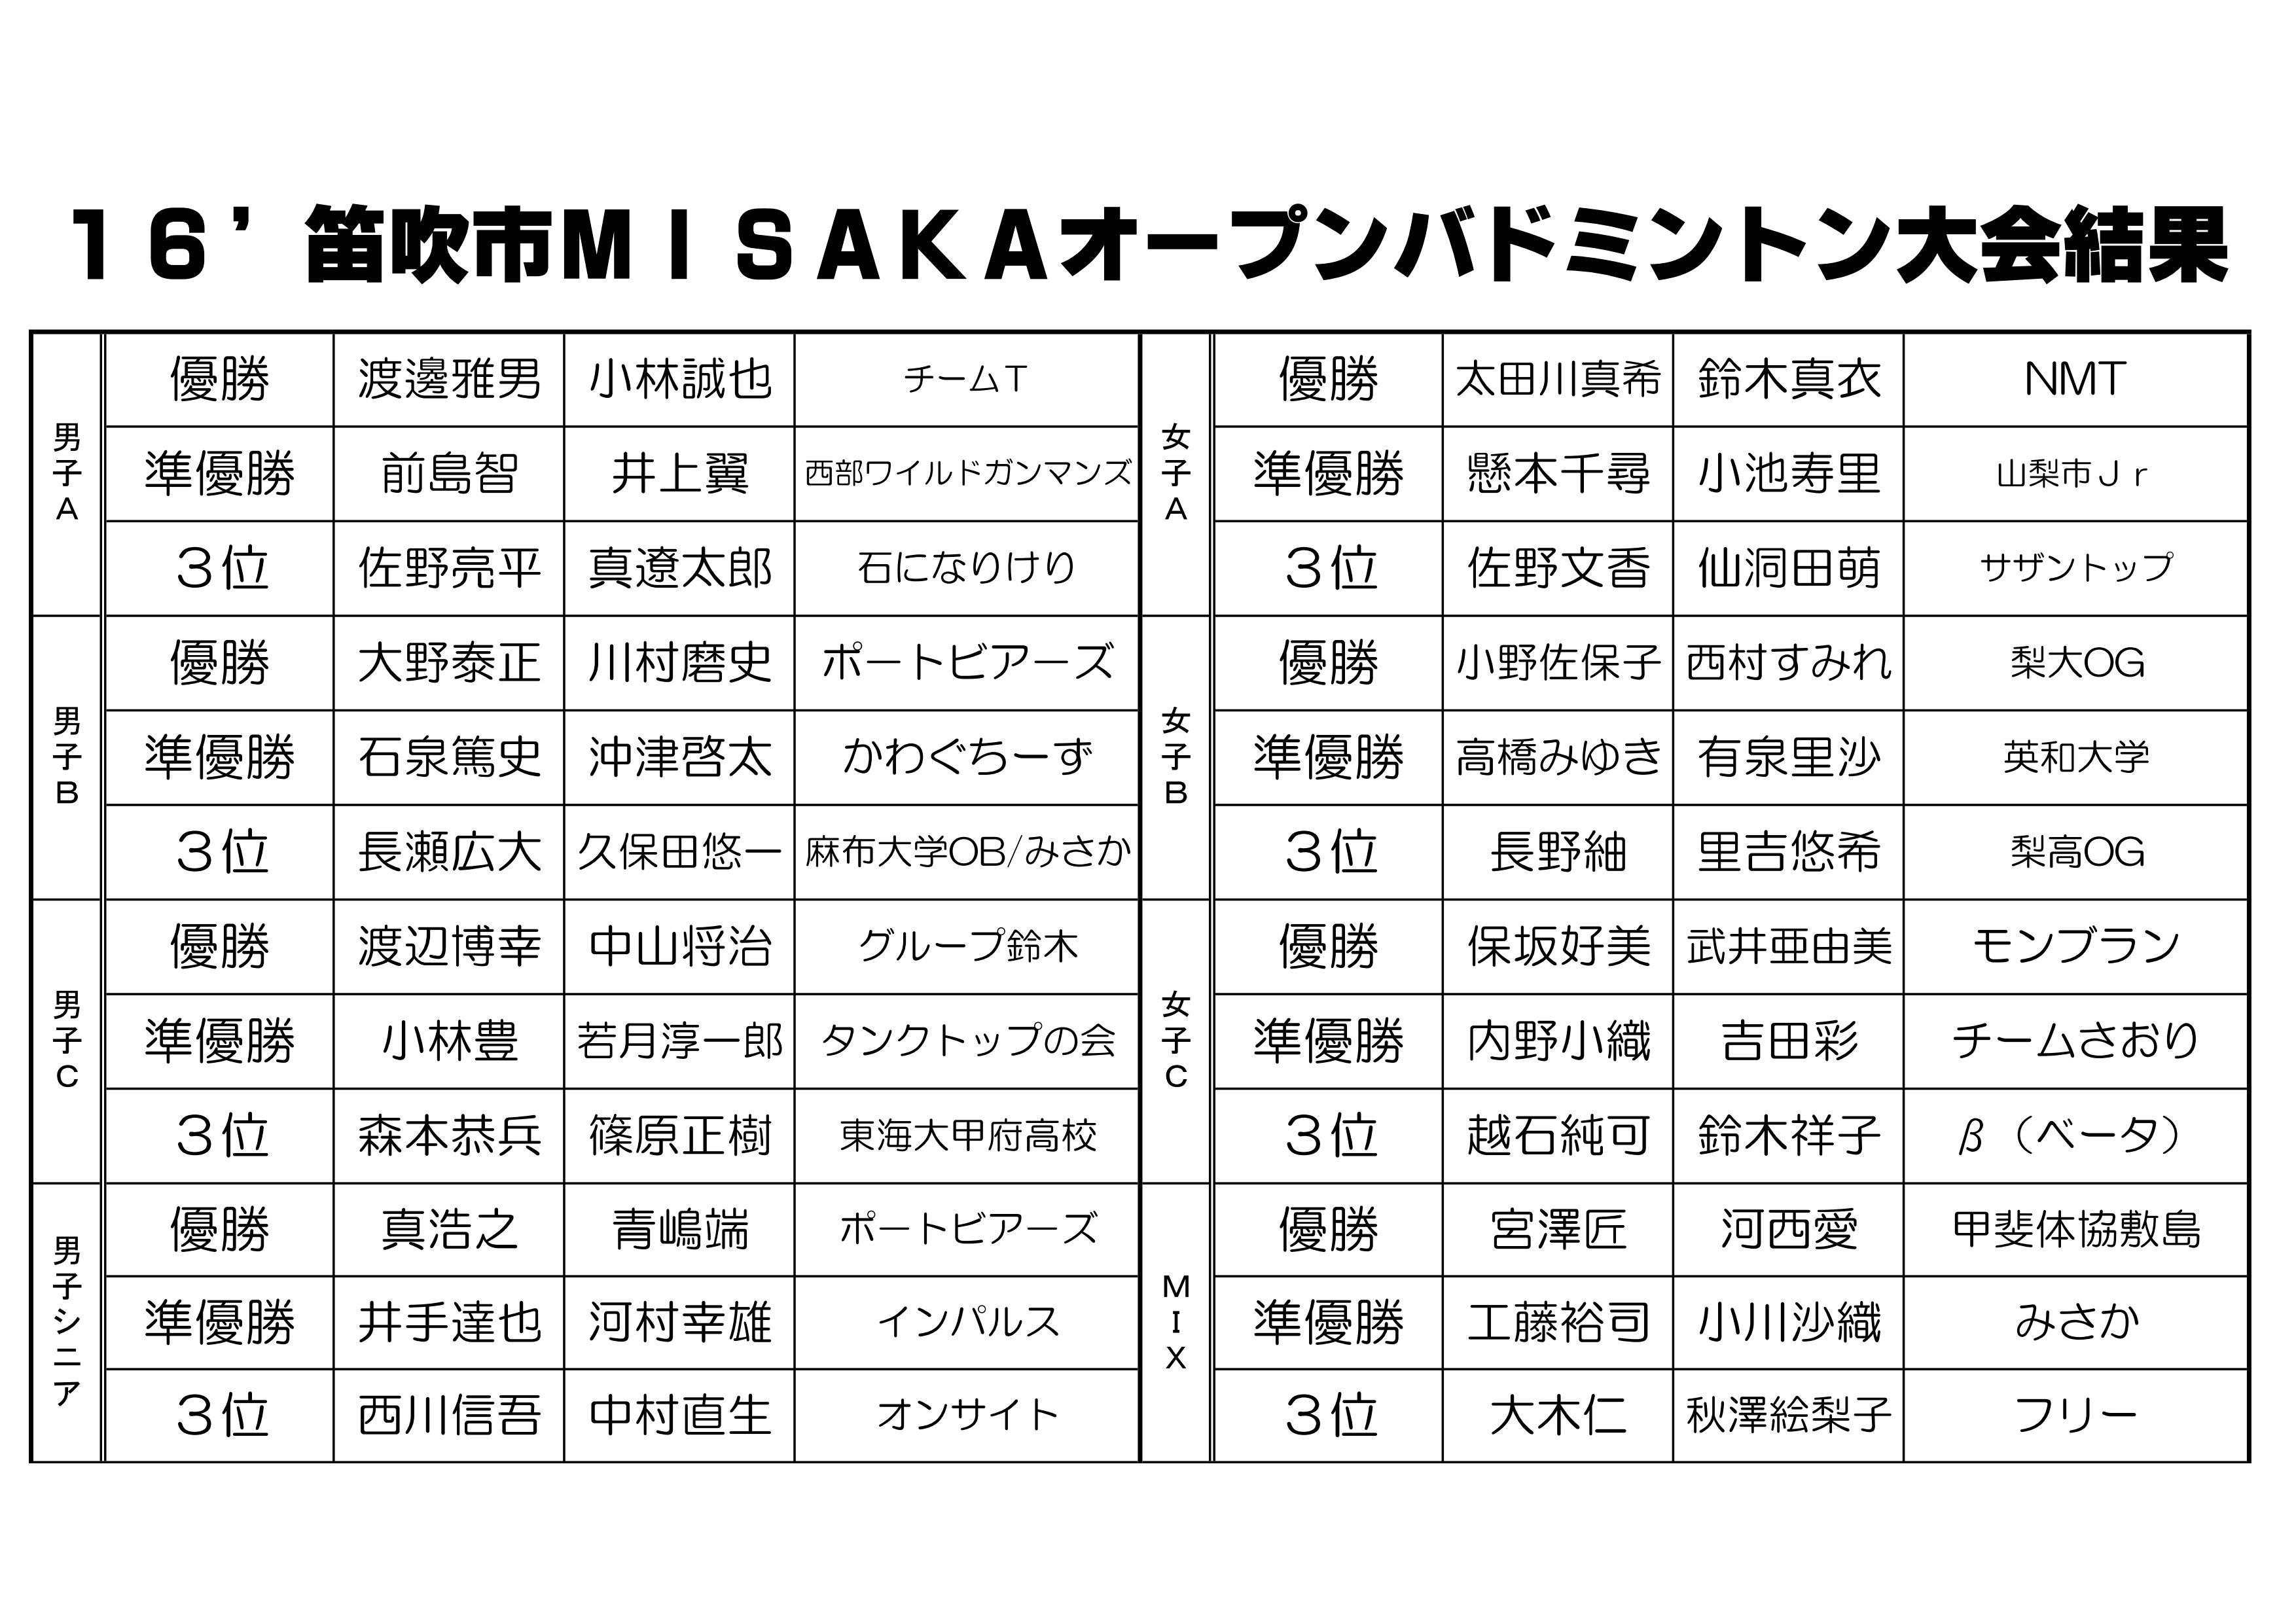 16入賞者